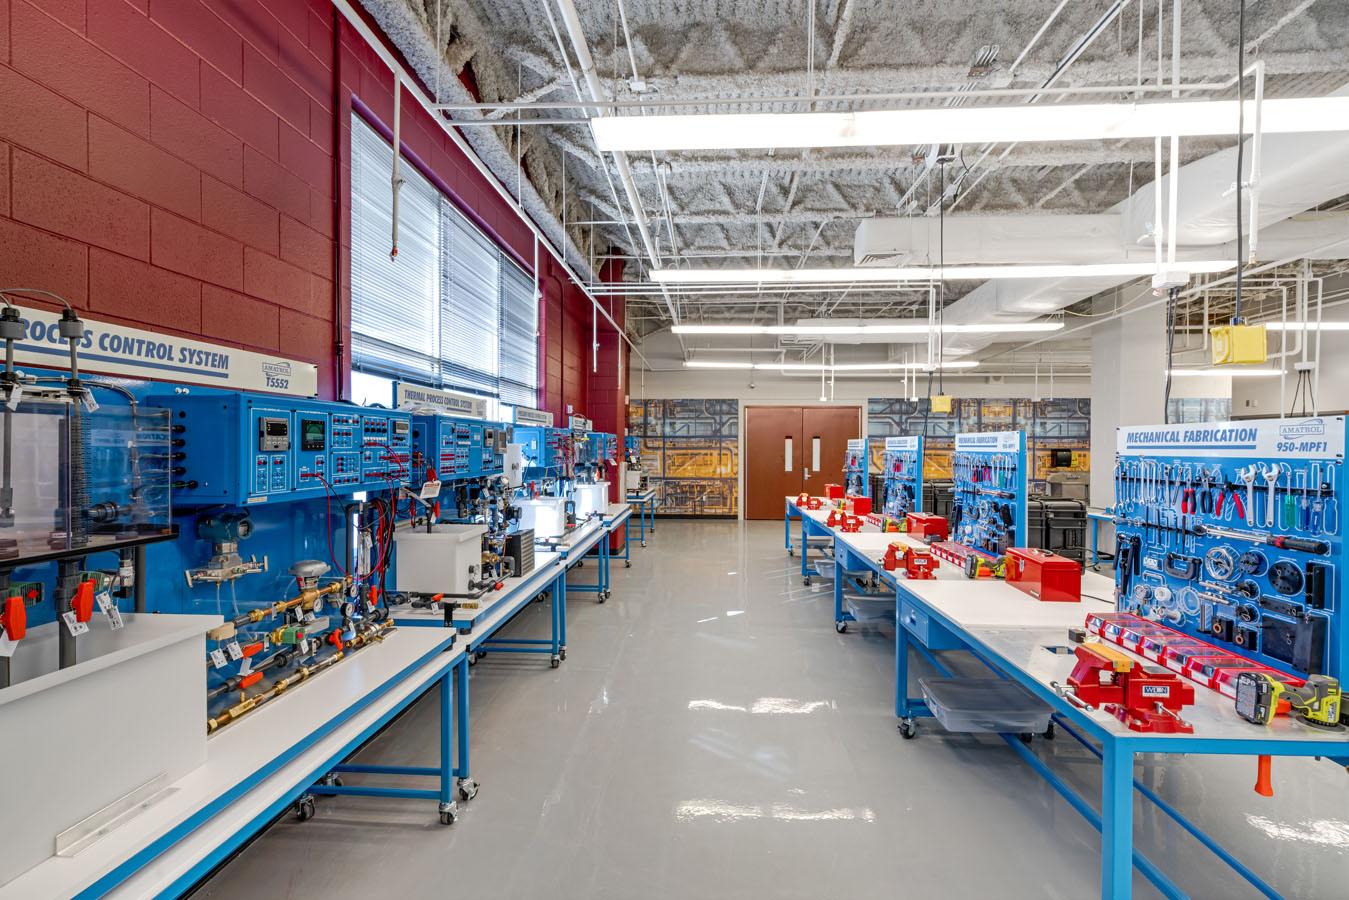 Lee HS Instrumentation Lab